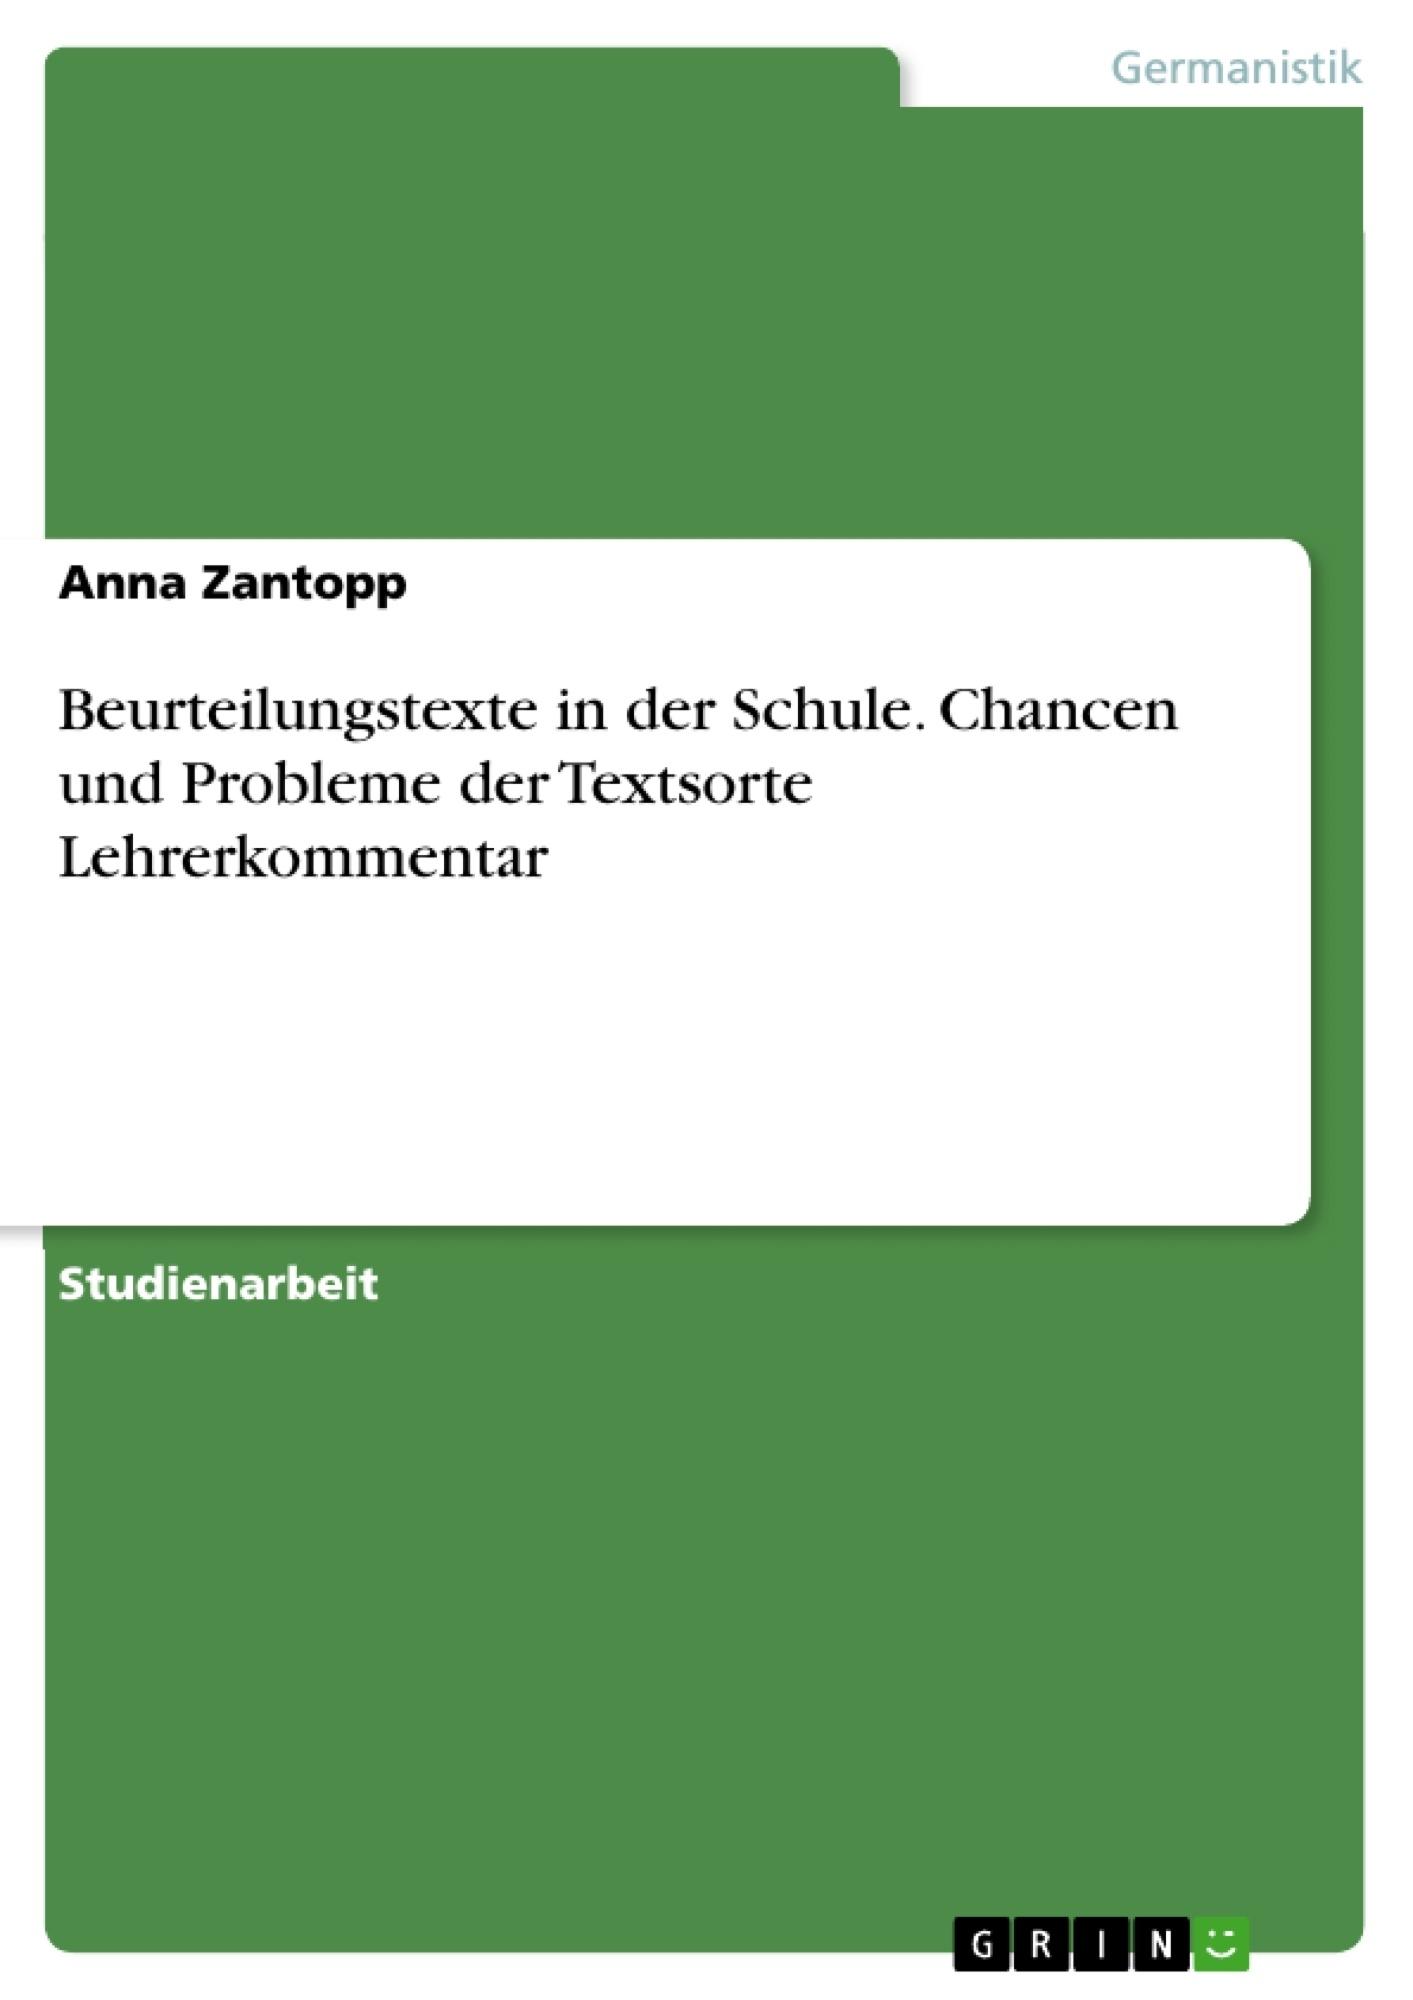 Titel: Beurteilungstexte in der Schule. Chancen und Probleme der Textsorte Lehrerkommentar